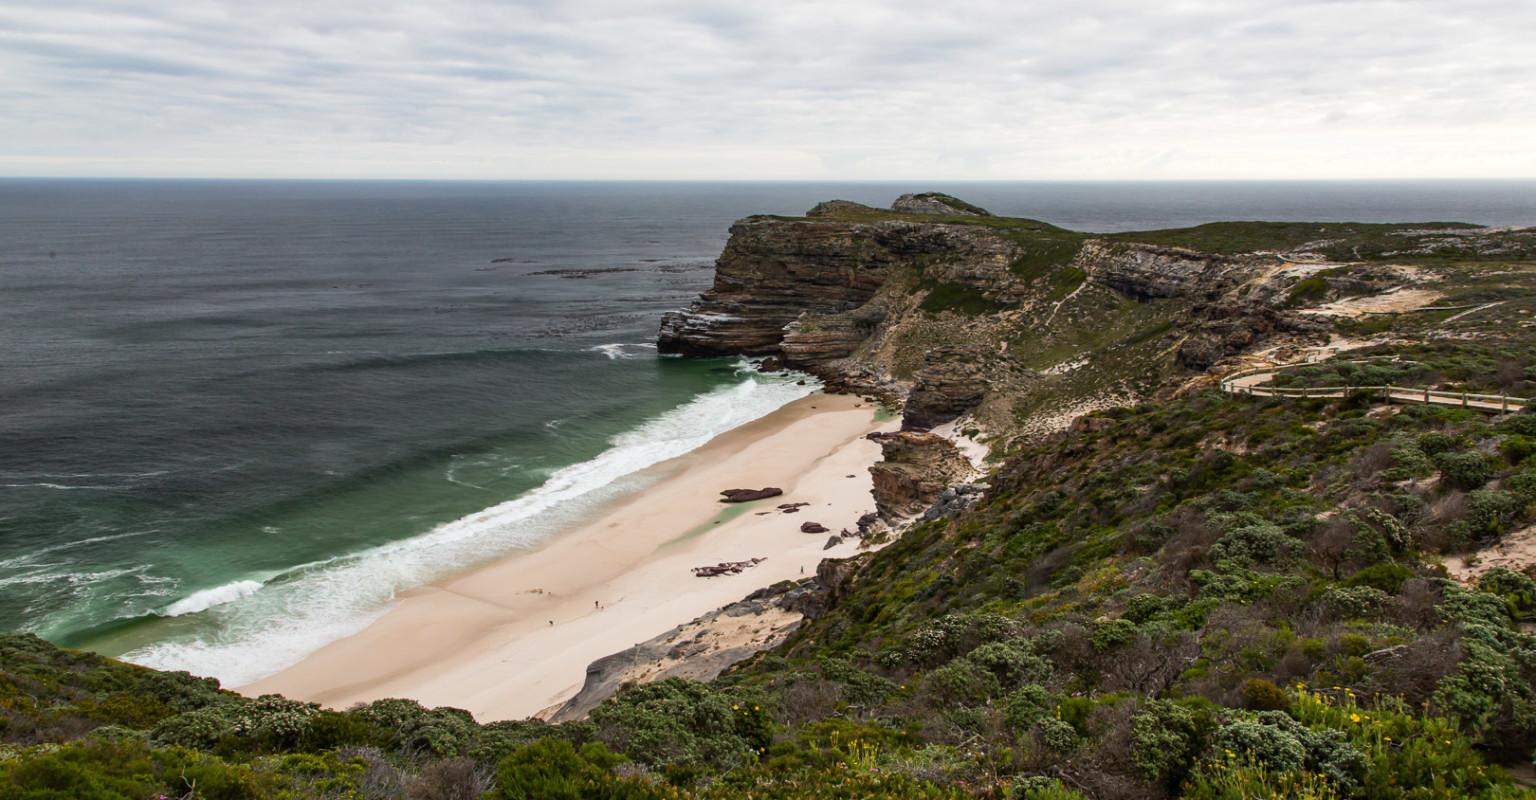 29.10. Cape Tour: Cape of Good Hope, Dias Beach